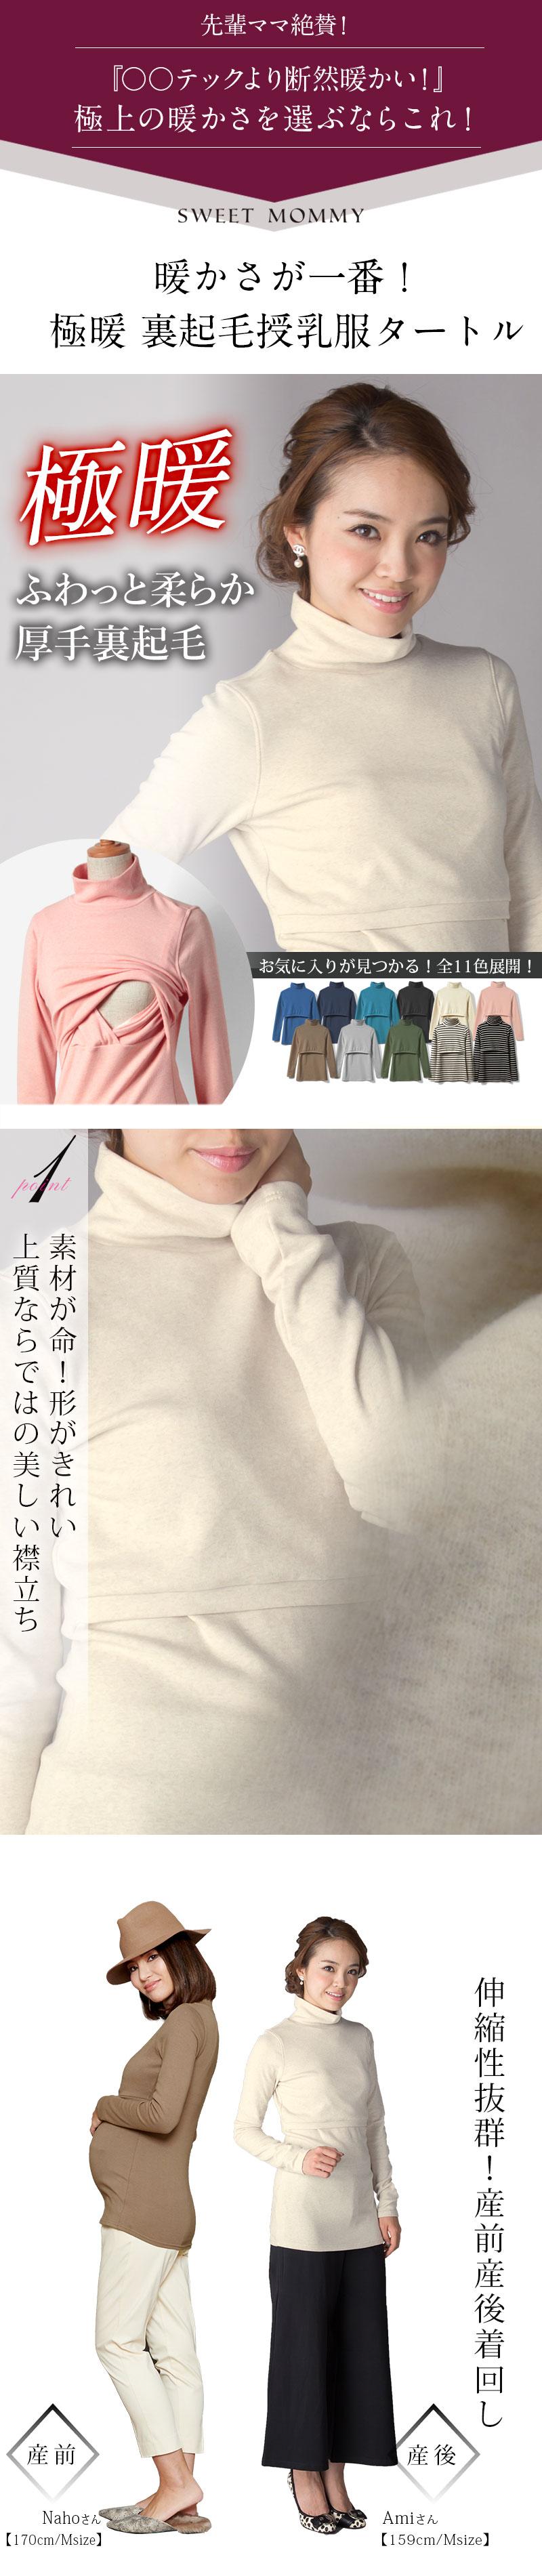 暖かさが一番!極暖 裏起毛授乳服タートル